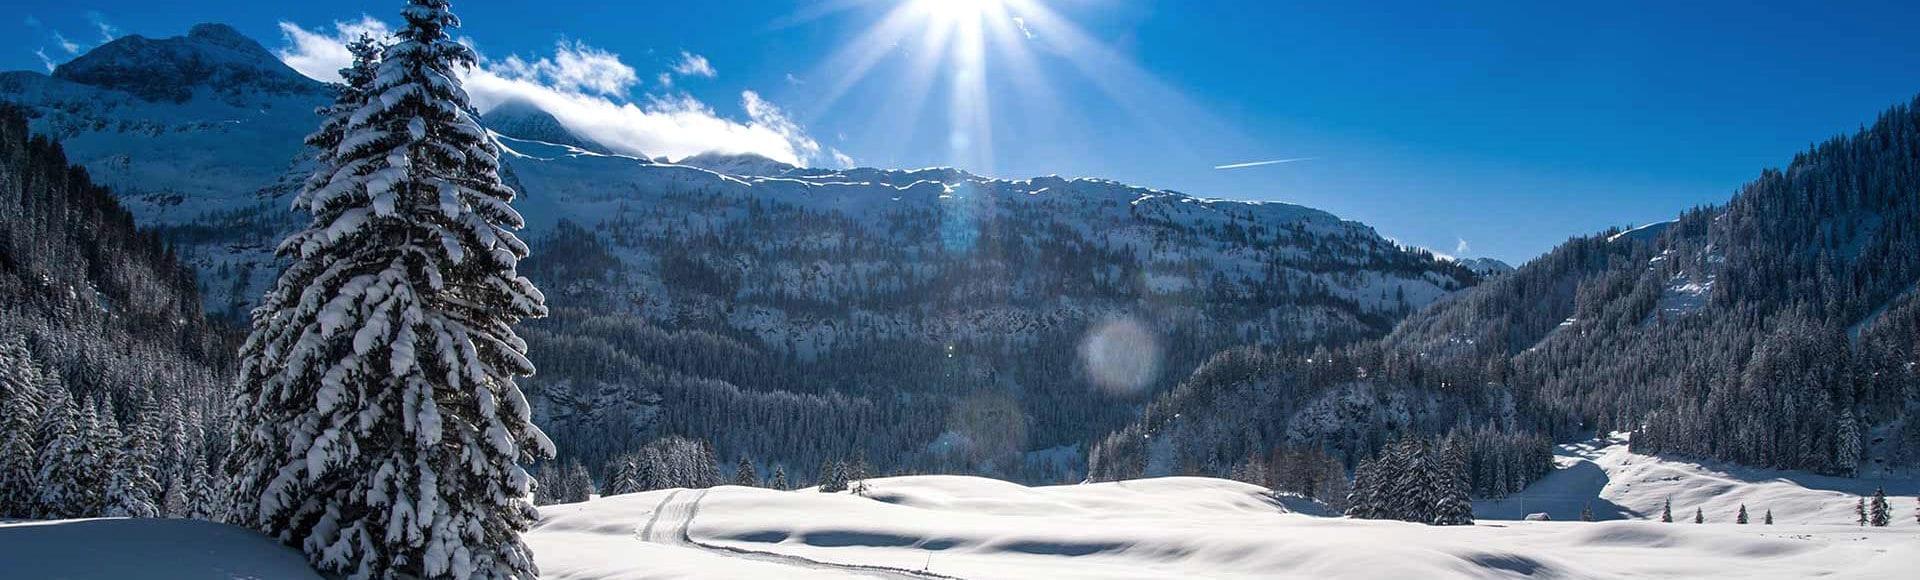 Winterurlaub auf der Gnadenalm in Obertauern